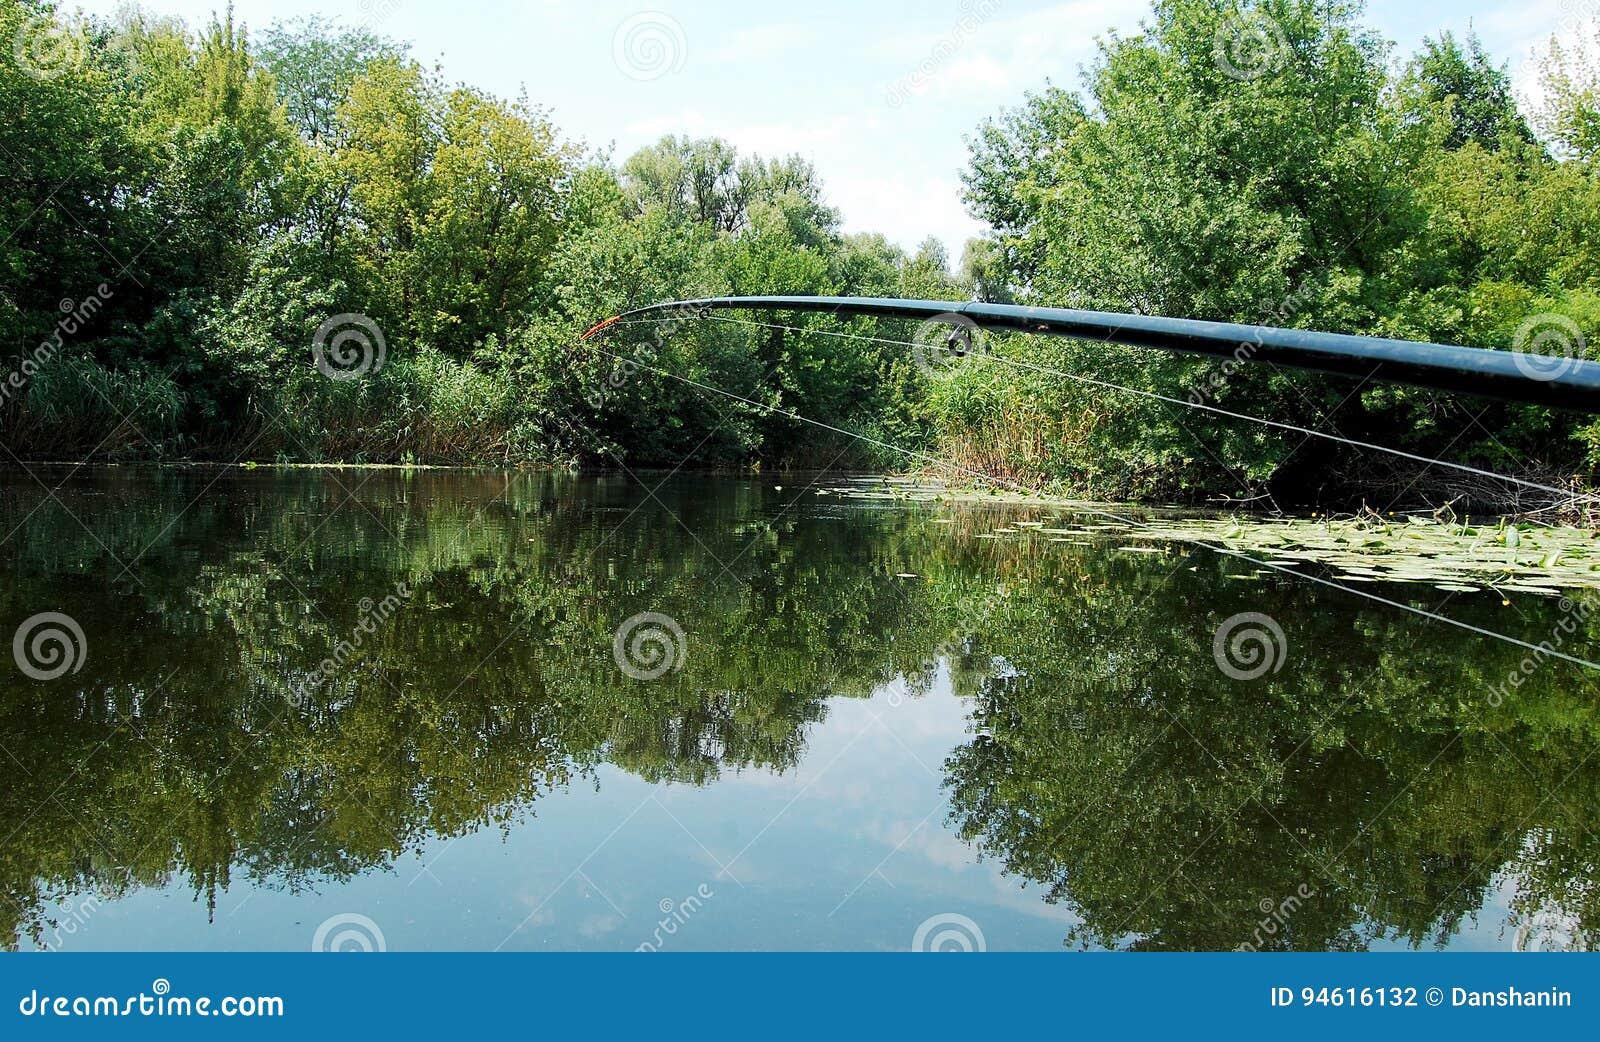 Caña de pescar en el fondo de la superficie lisa del agua al mediodía